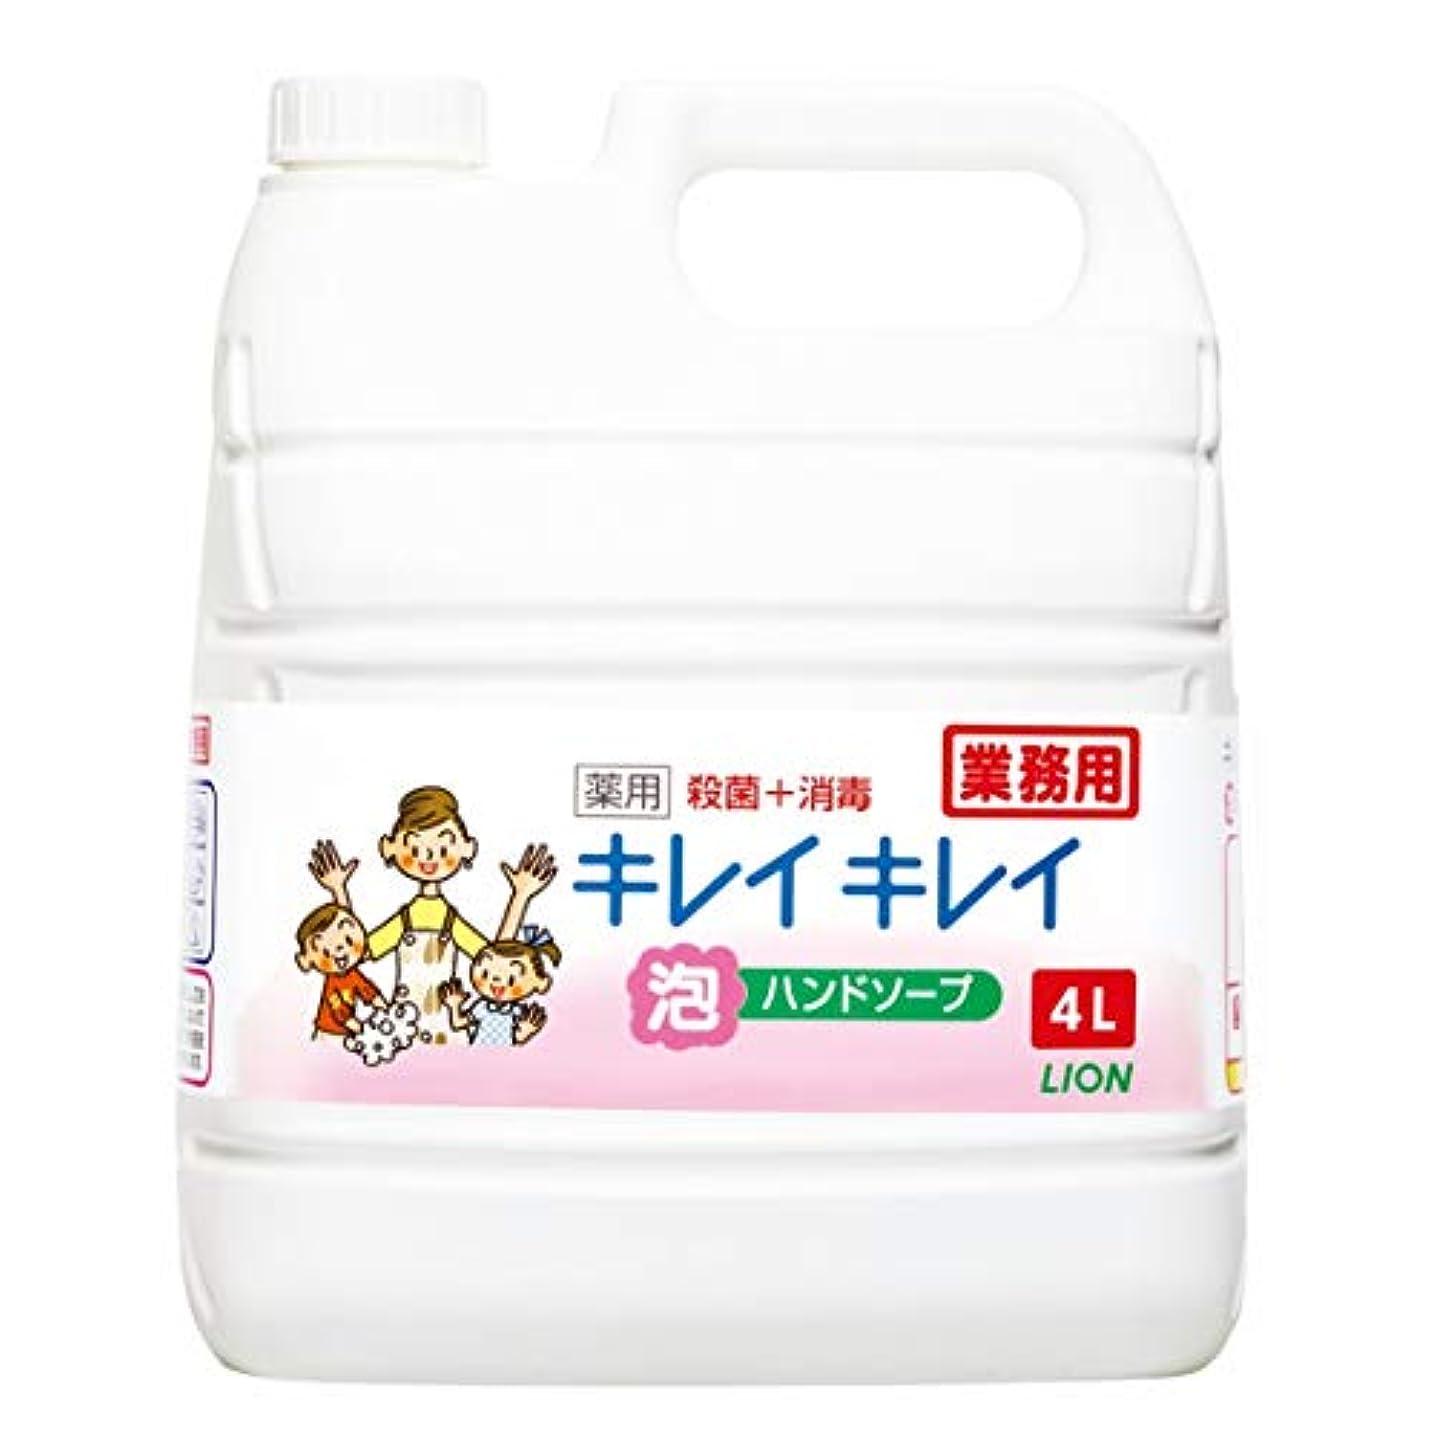 北西百考慮【業務用 大容量】キレイキレイ 薬用 泡ハンドソープ シトラスフルーティの香り 液体 単品 4L(医薬部外品)